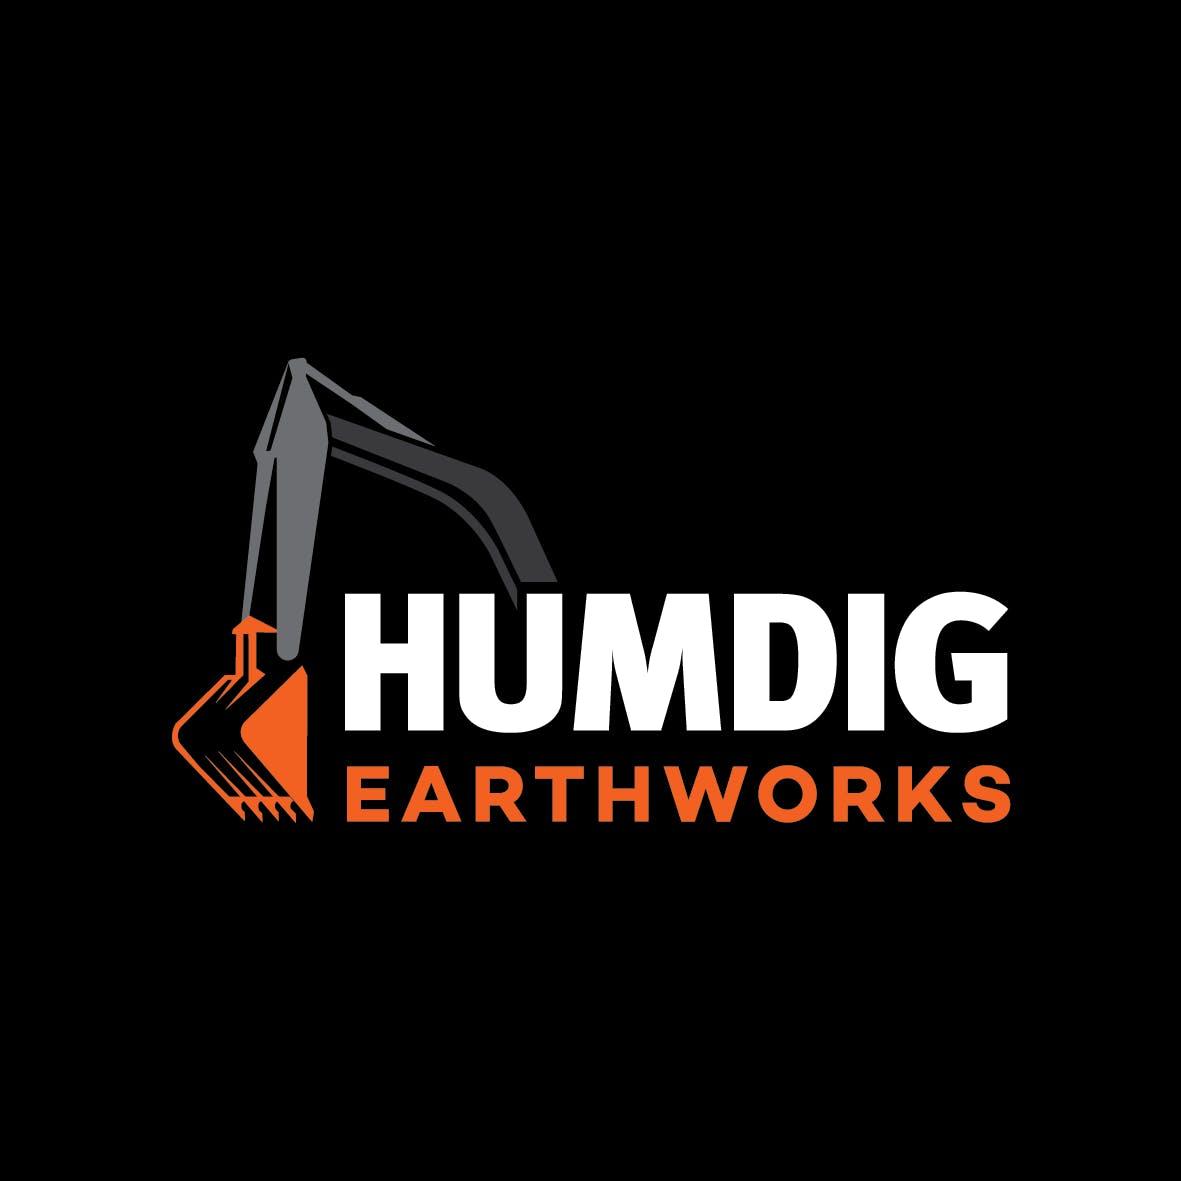 Humdig Earthworks